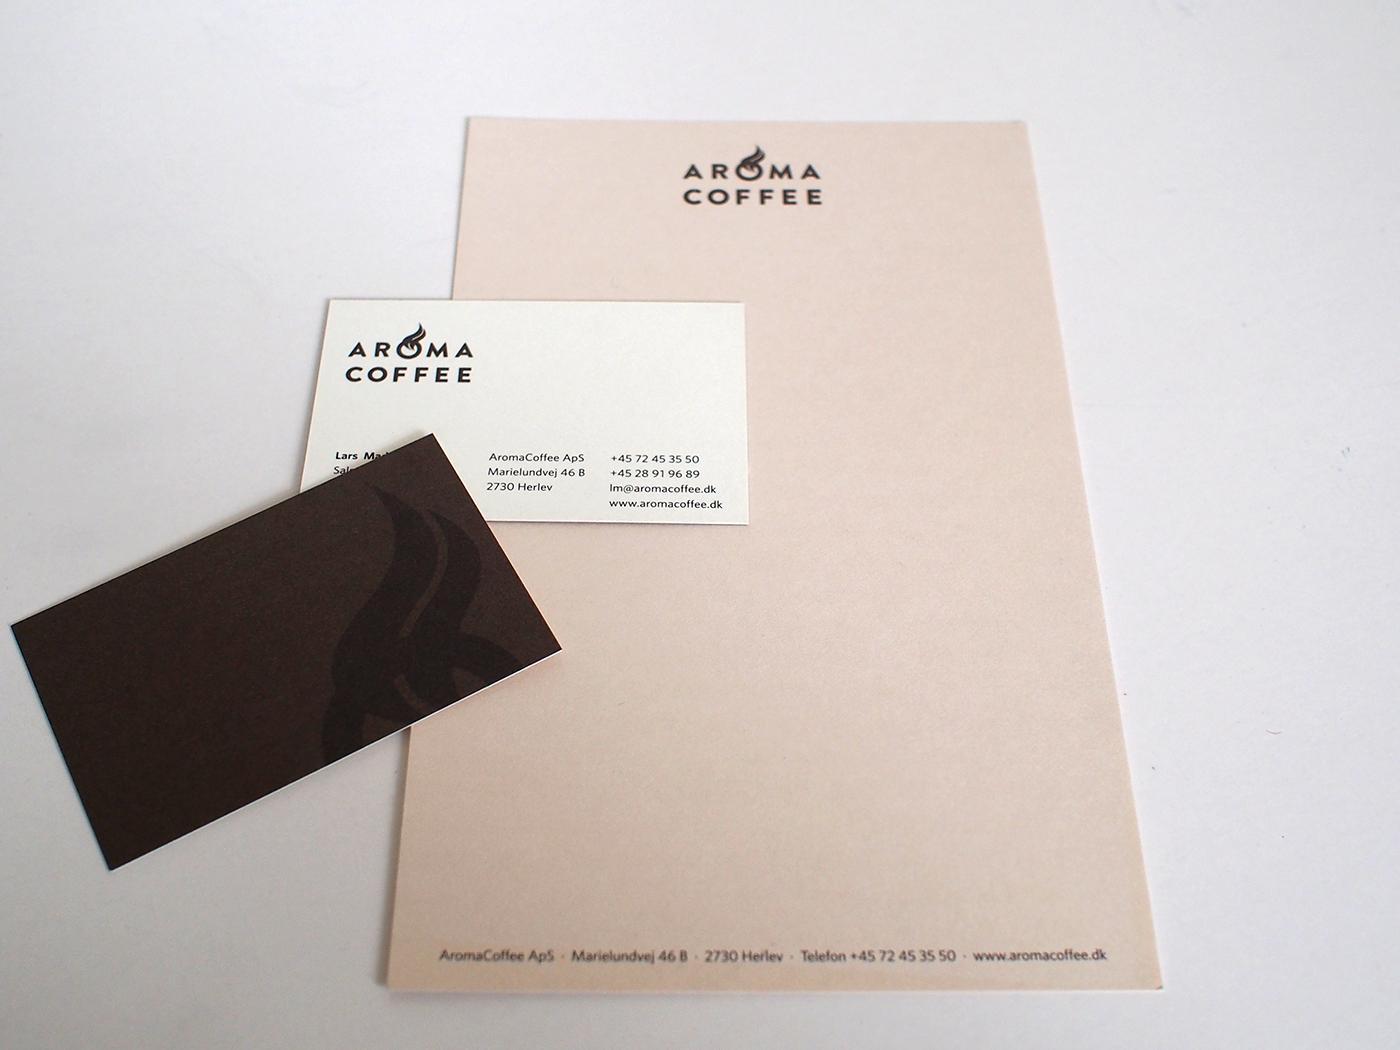 aroma_coffee01